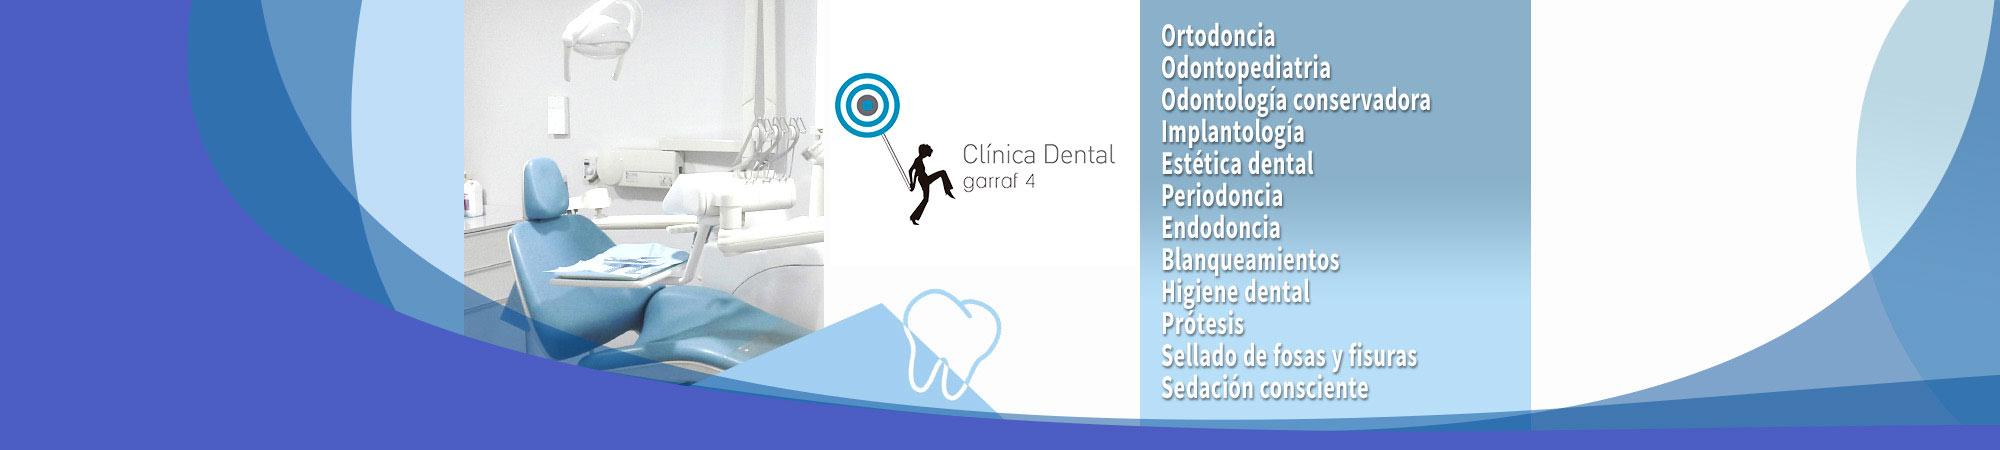 implantes dentales cornella baix llobregat, odontopediatria cornella baix llobregat,